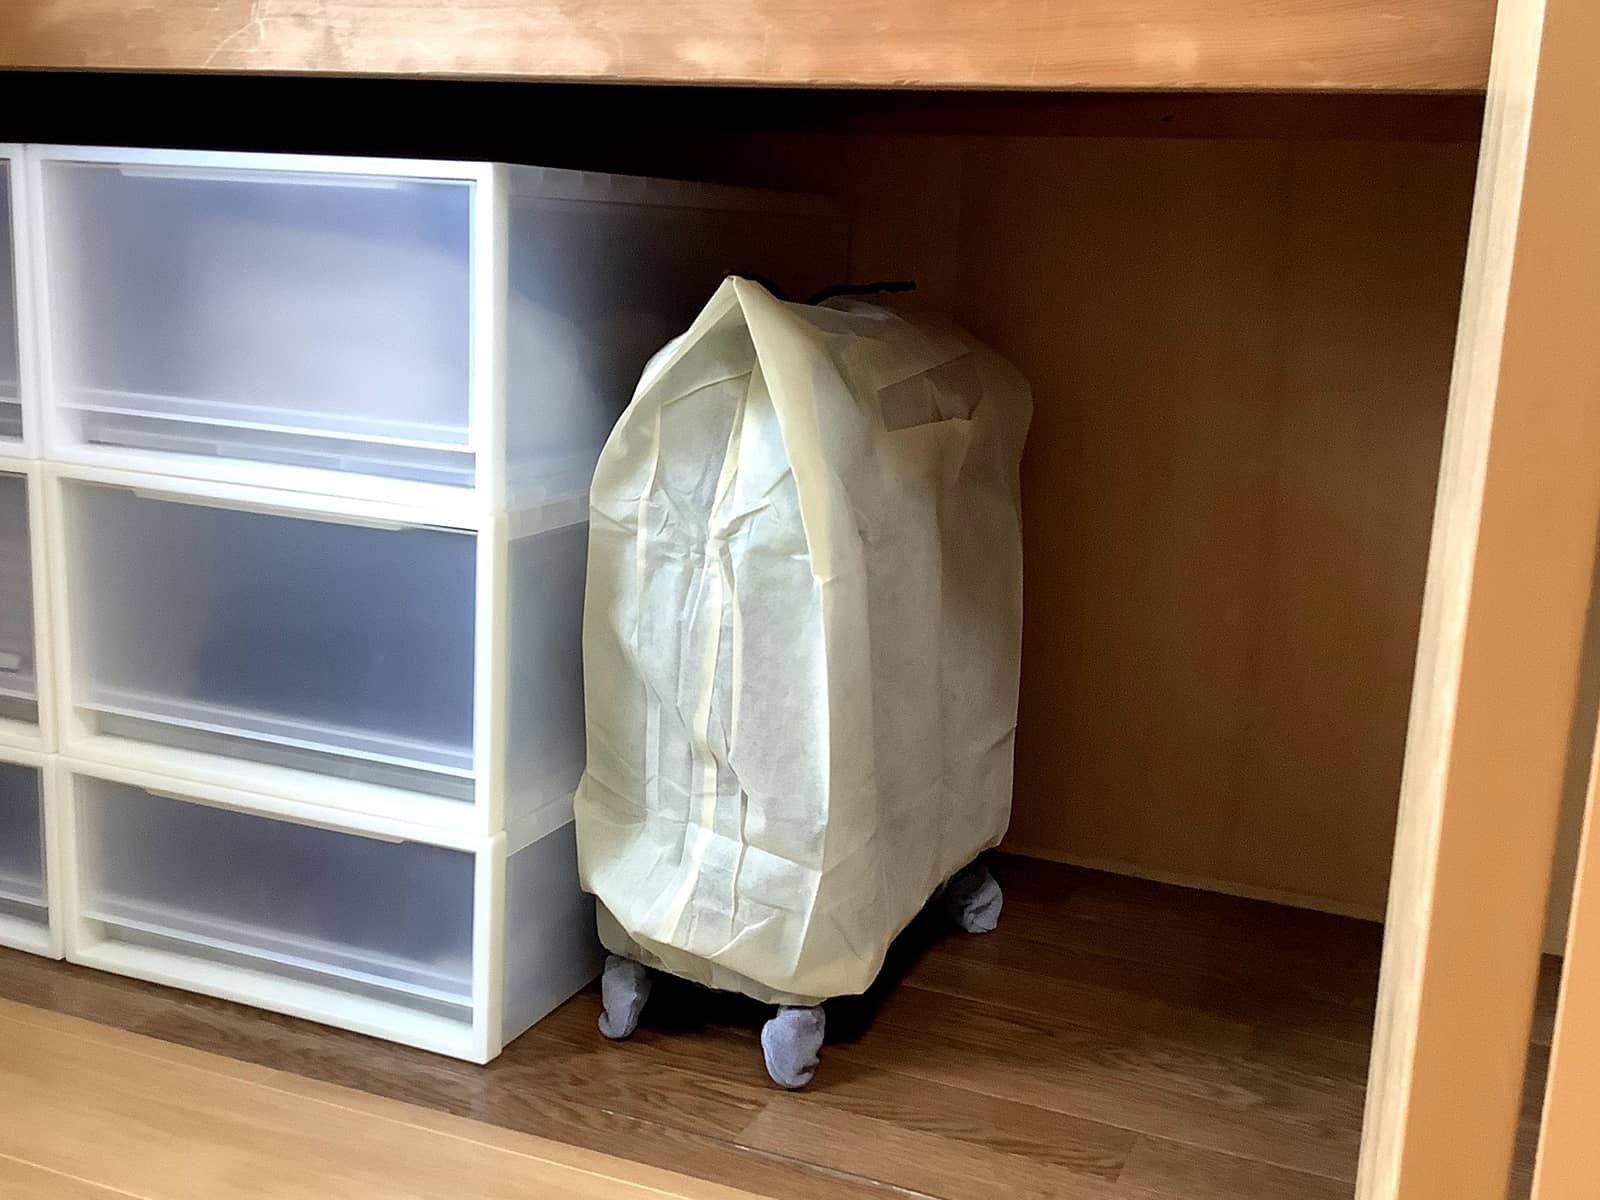 スーツケースカバーを被せ、押し入れに収納されているスーツケース